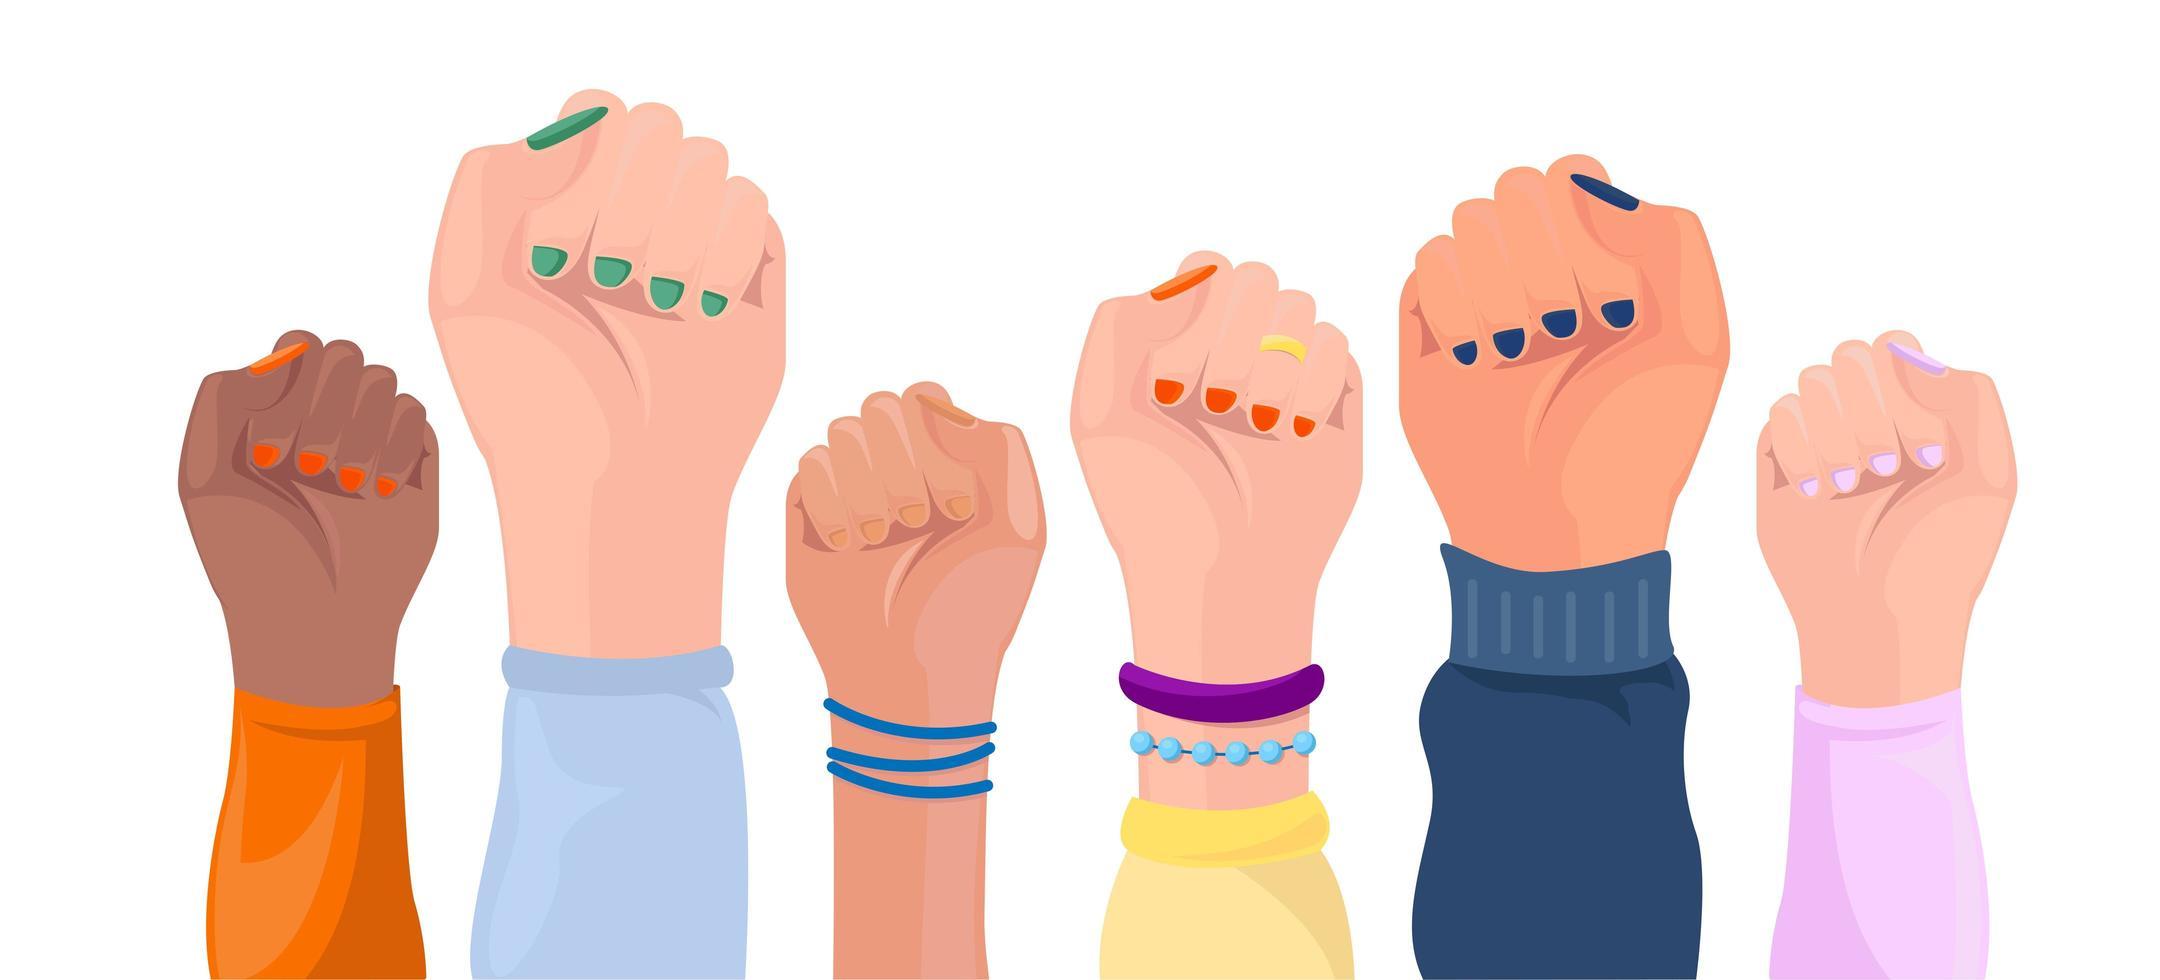 mani alzate delle donne con diversi colori della pelle vettore